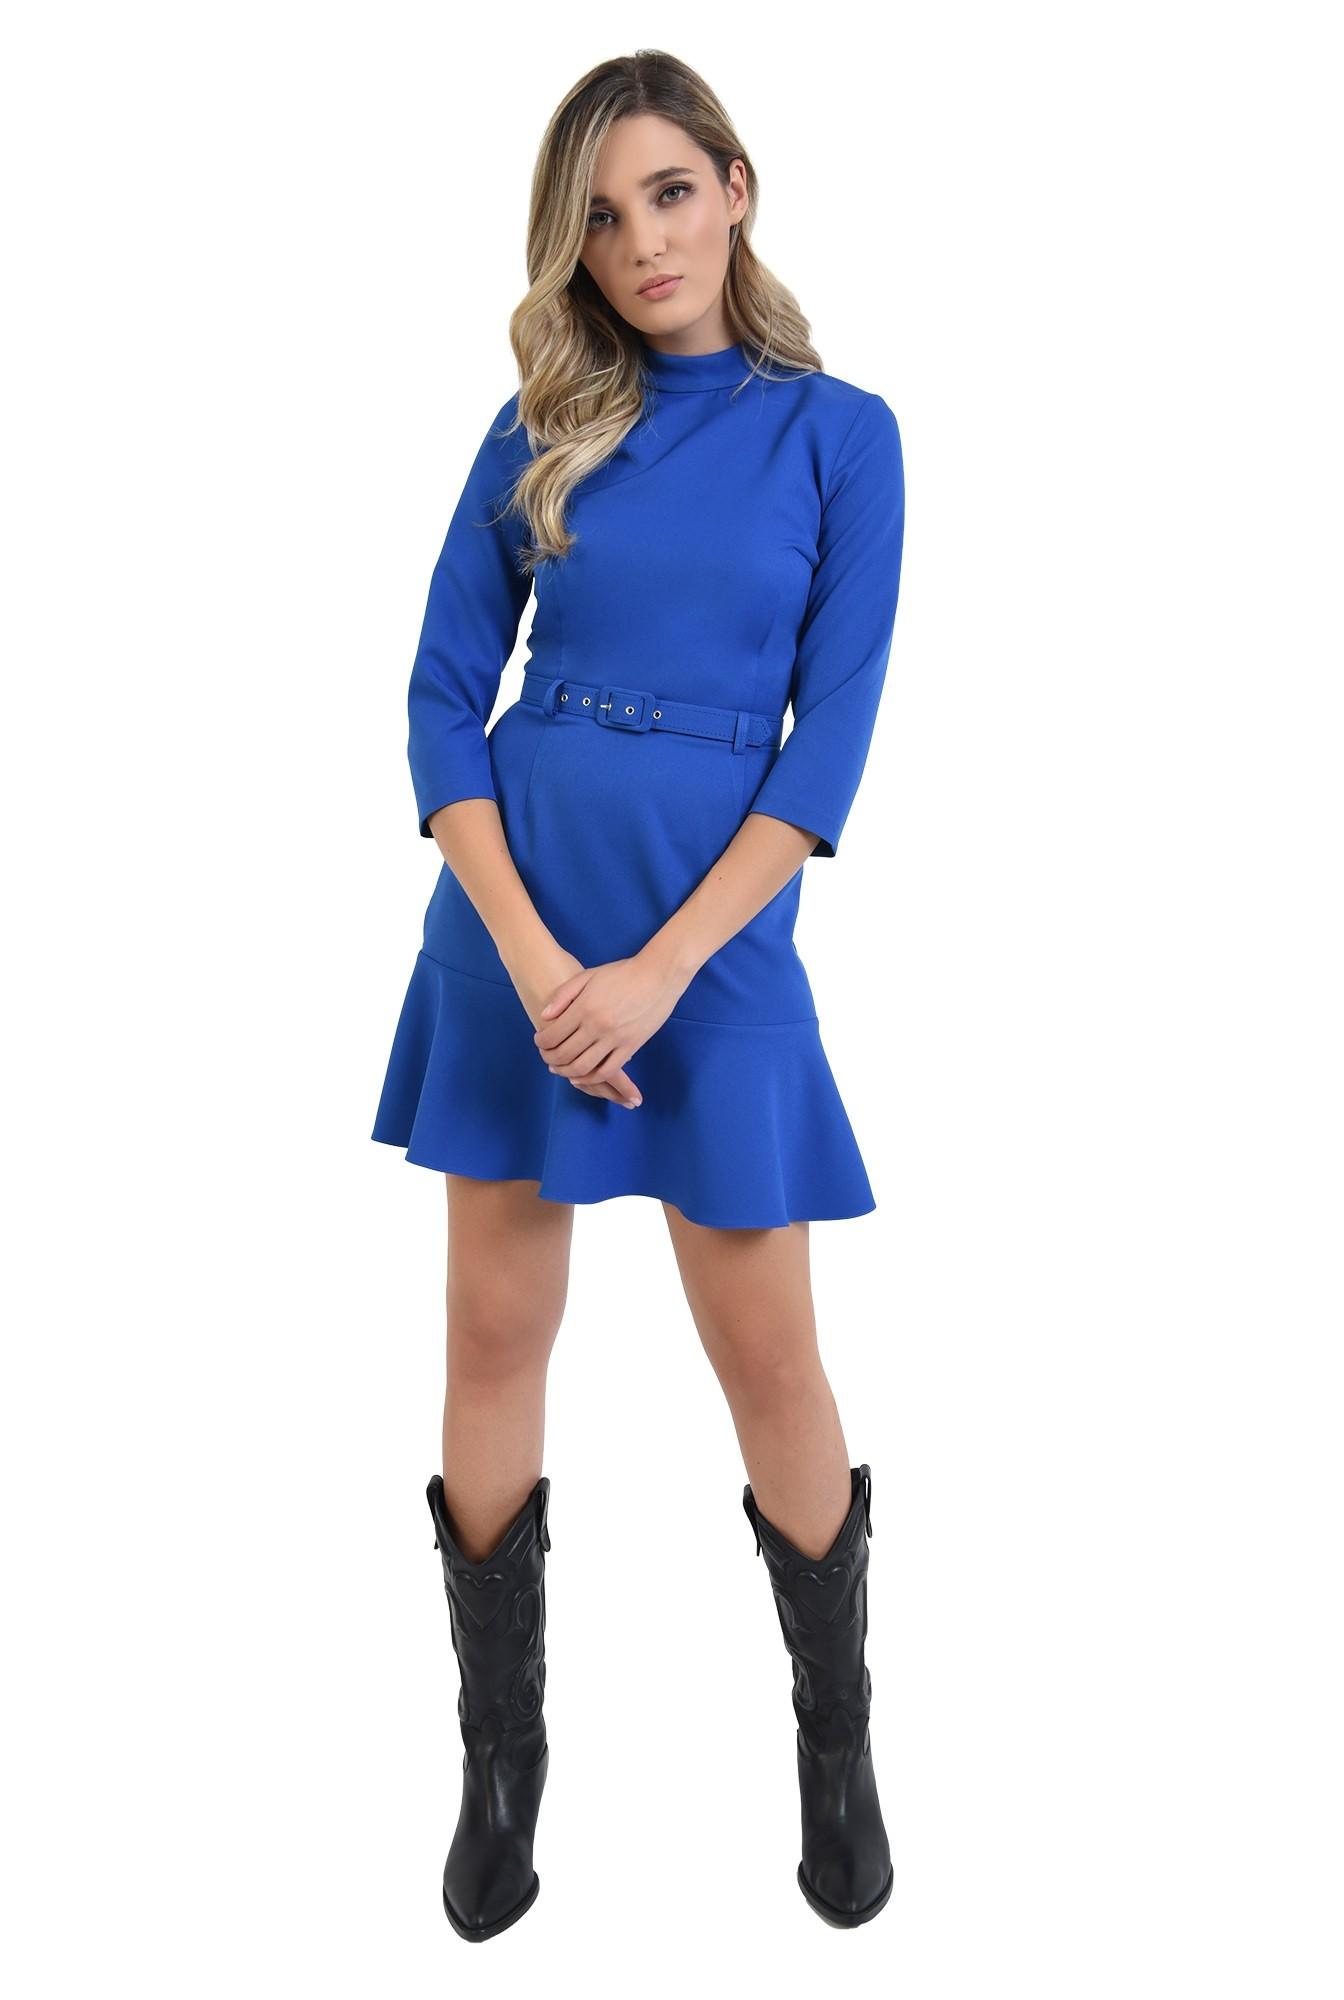 3 - 360 - rochie mini, albastra, cu volan, cu guler inalt